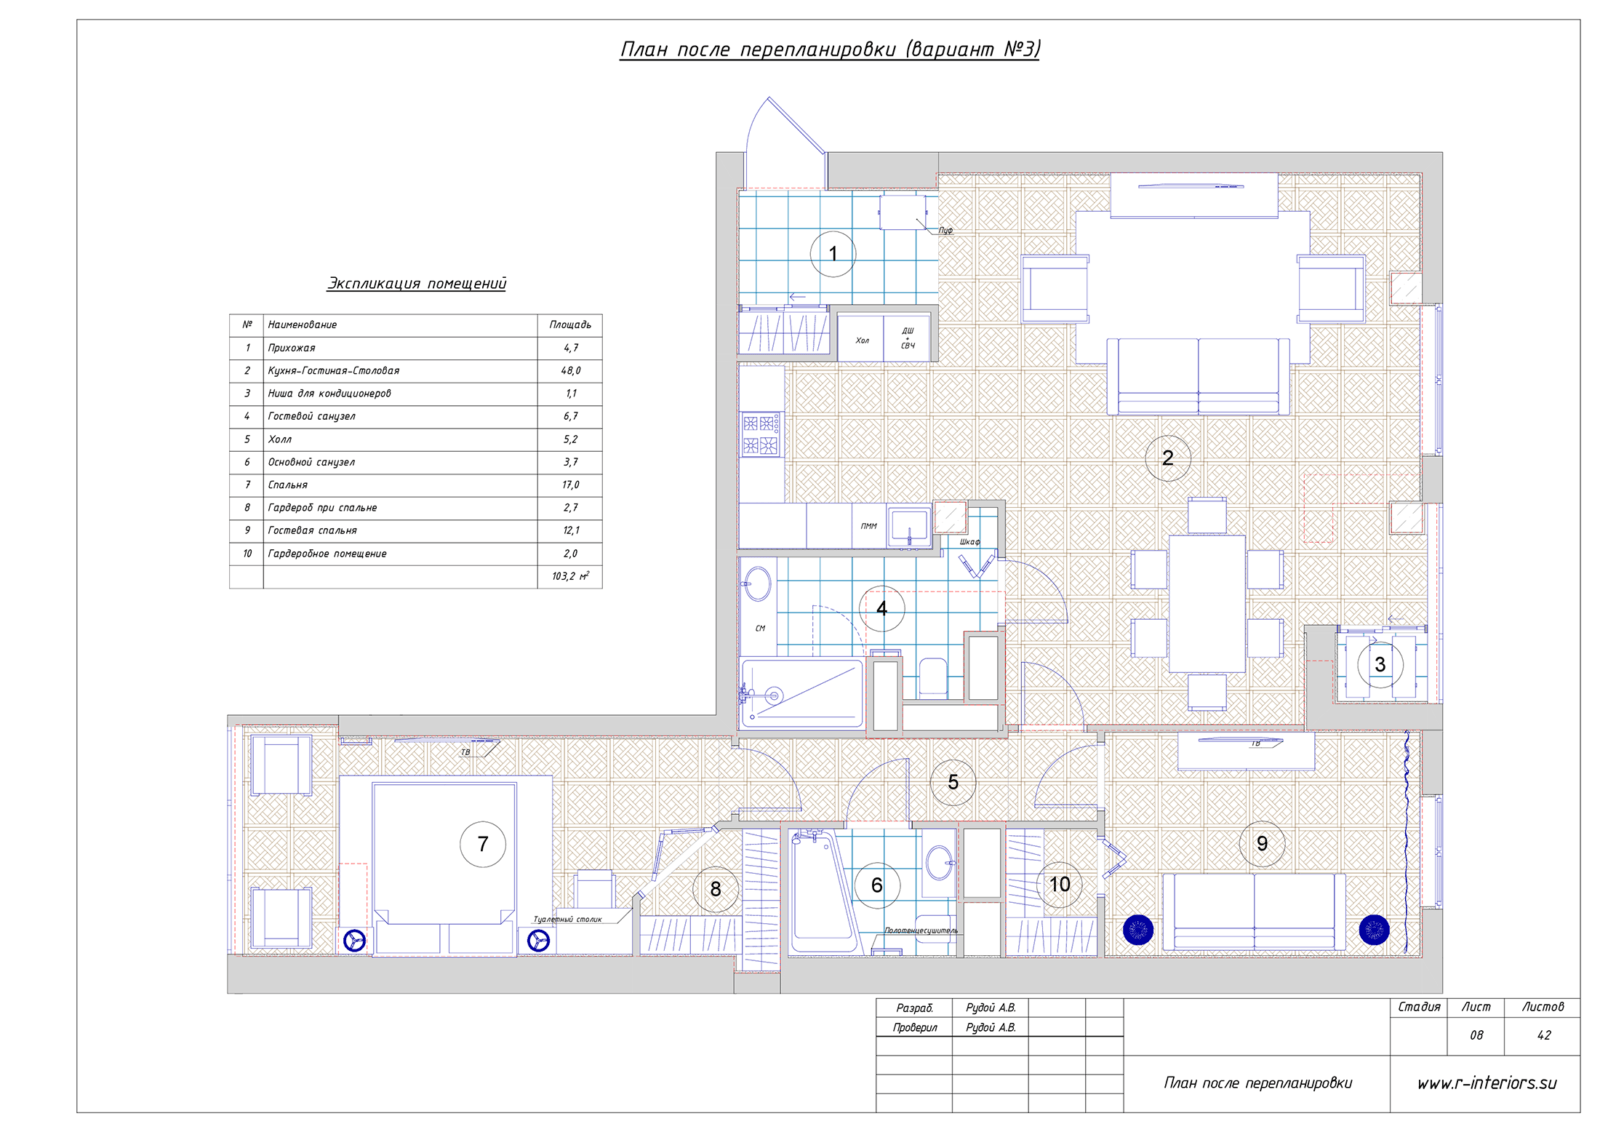 план после перепланировки вариант №3